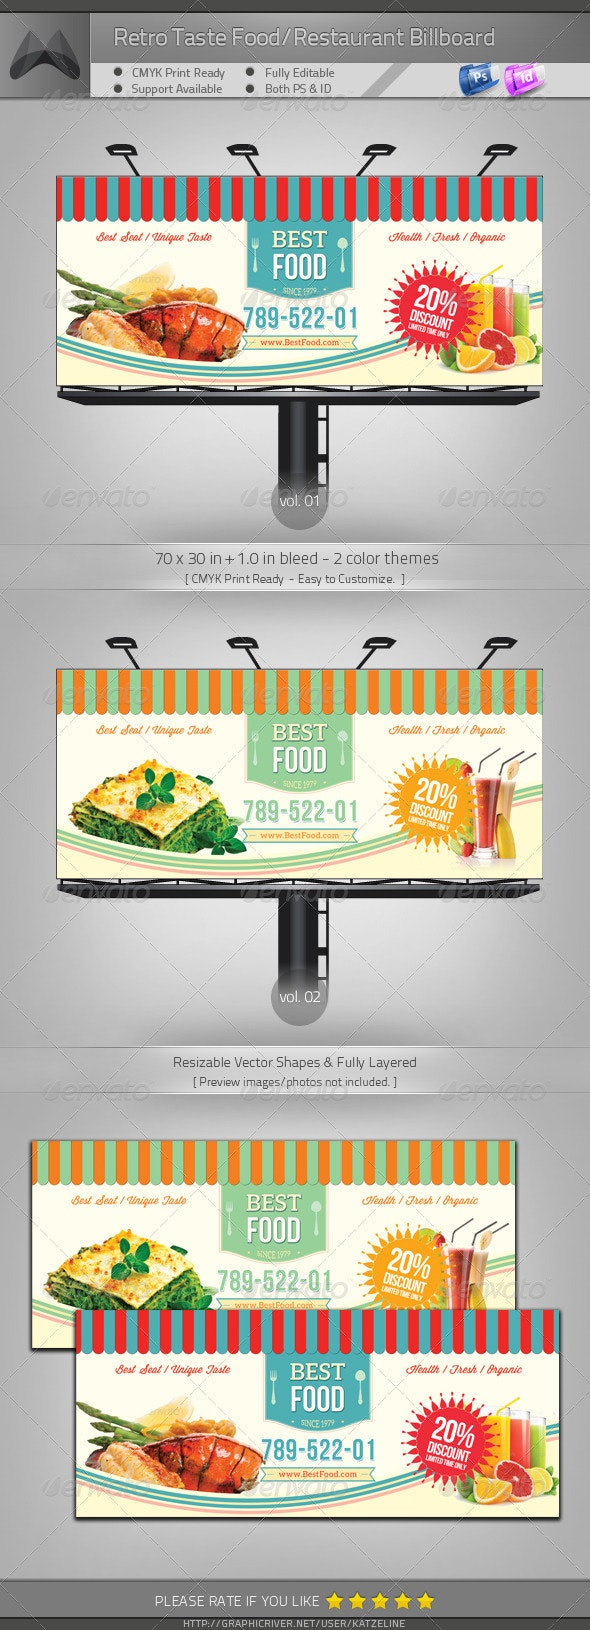 Retro Taste Food/Restaurant Billboard - Signage Print Templates